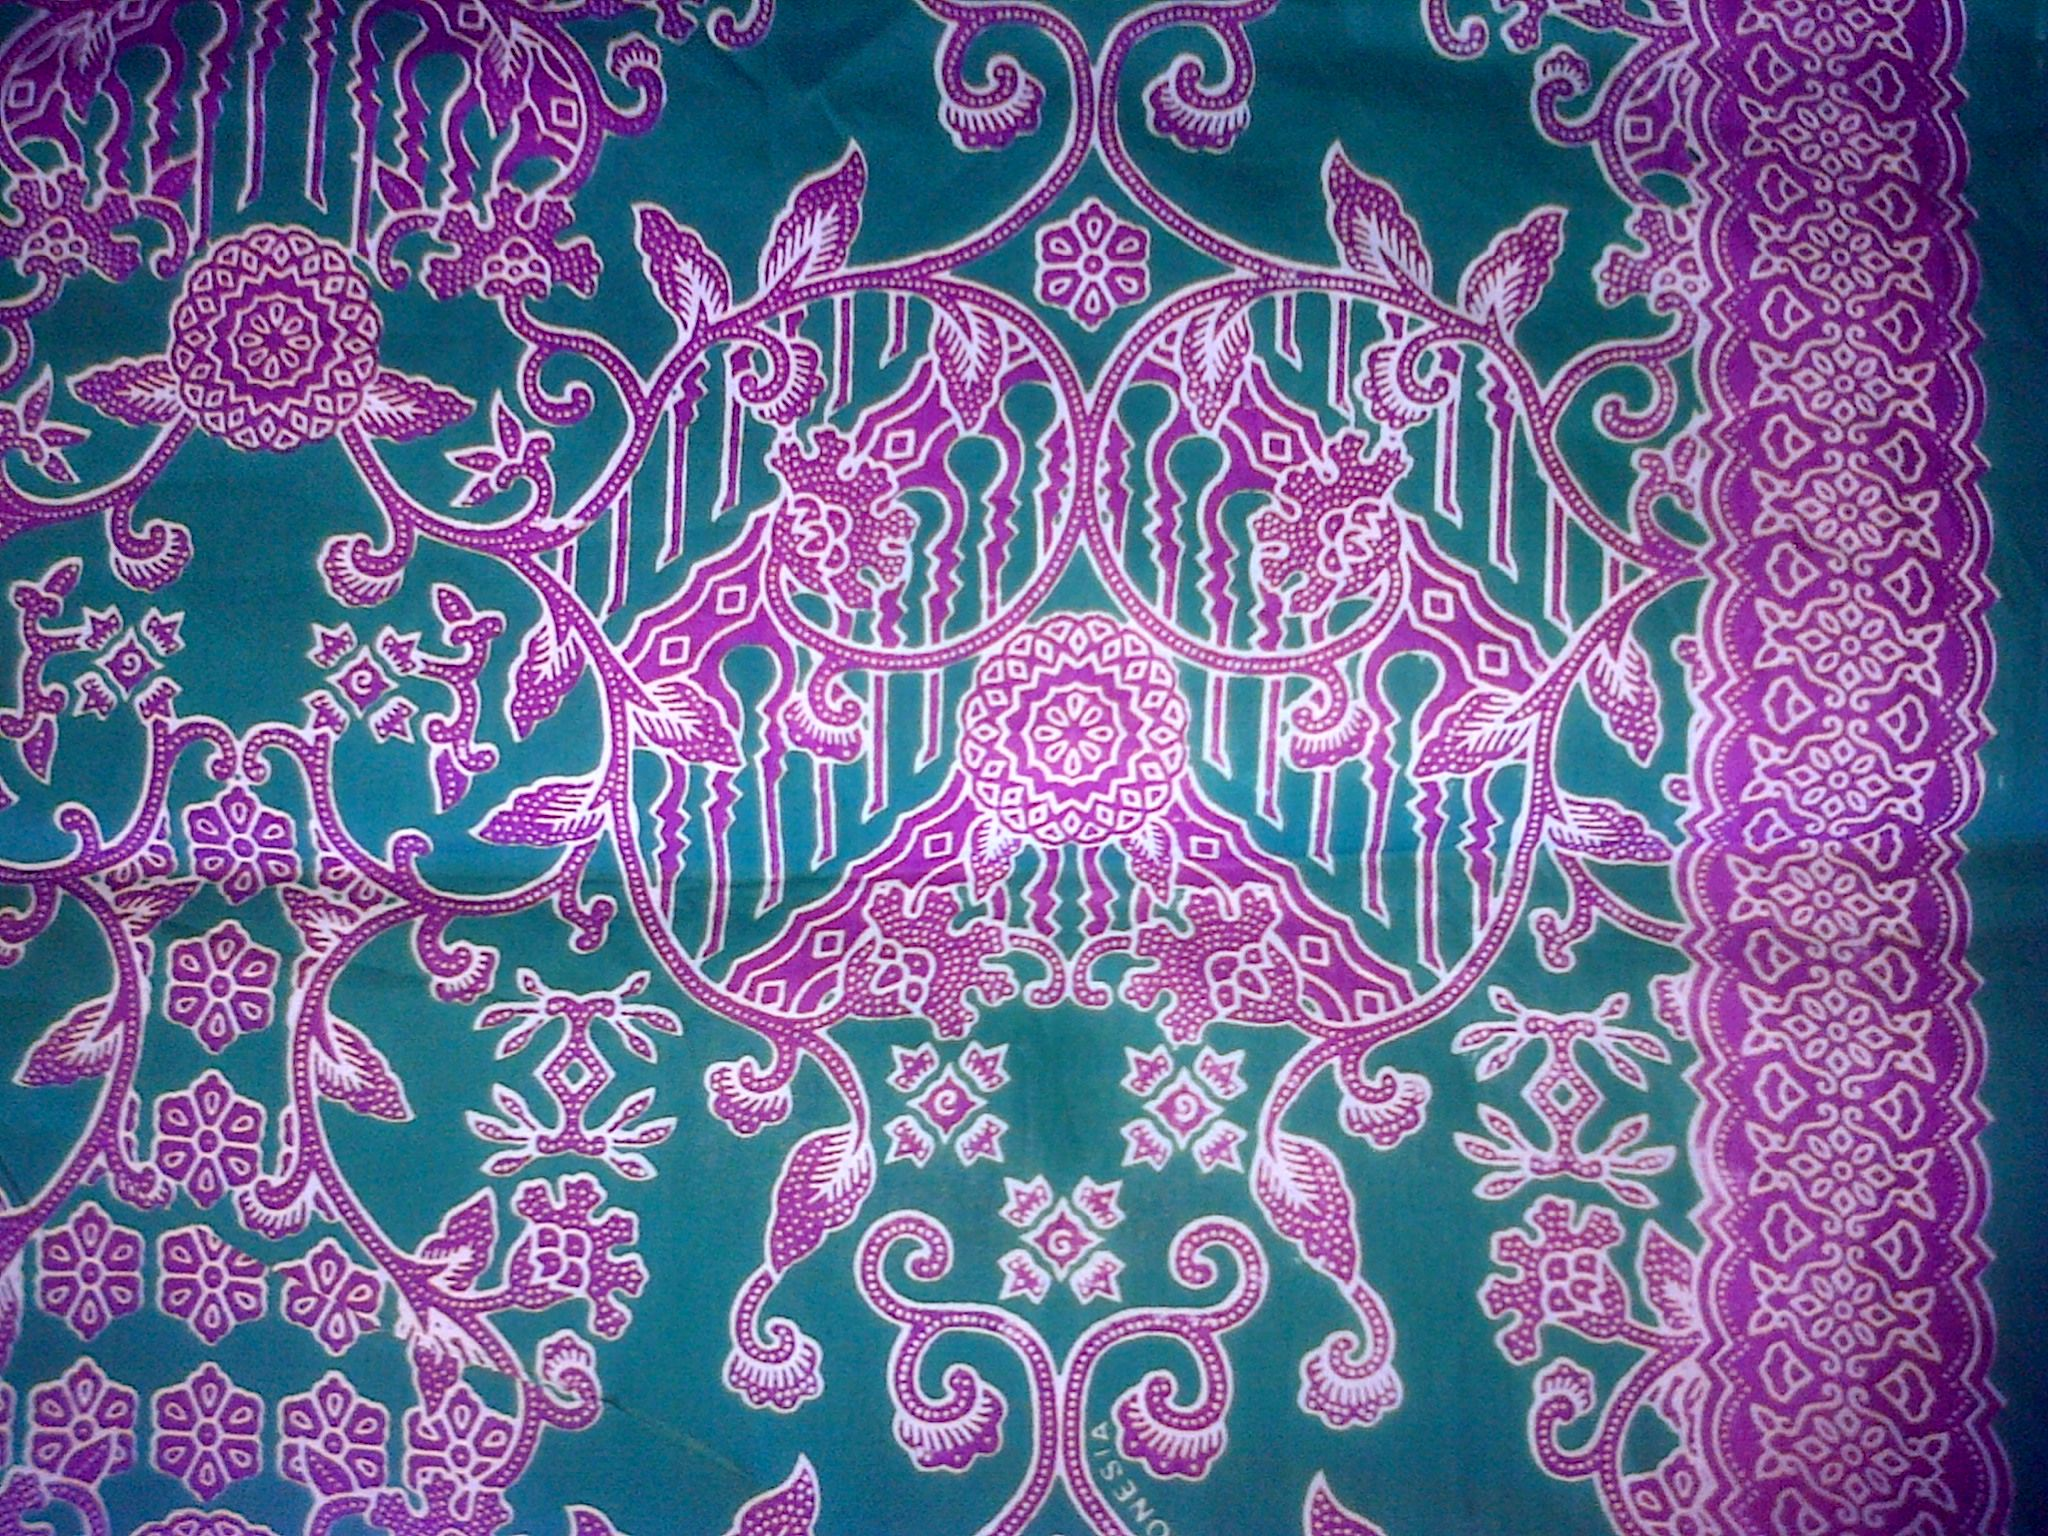 Seragam Baju Batik Haji Indonesia Kain Batik Haji Kemeja Kain